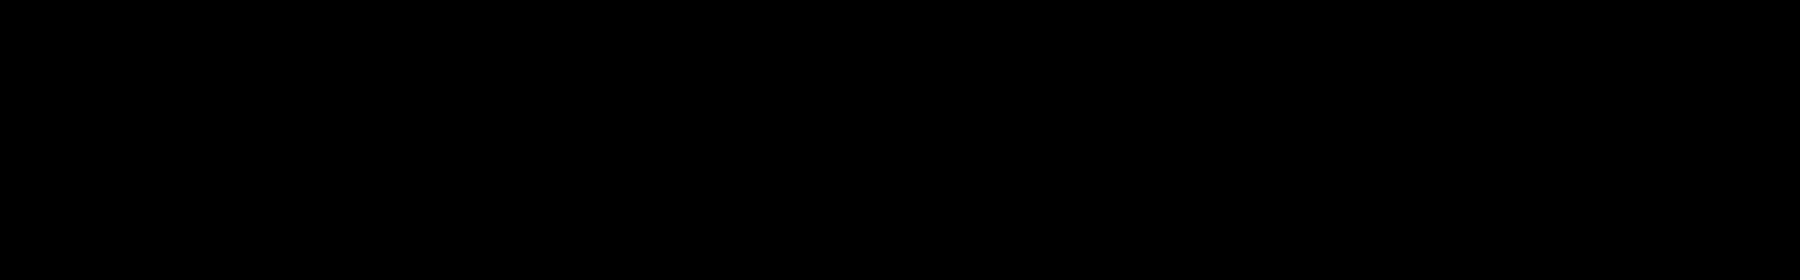 Grunge Rock audio waveform